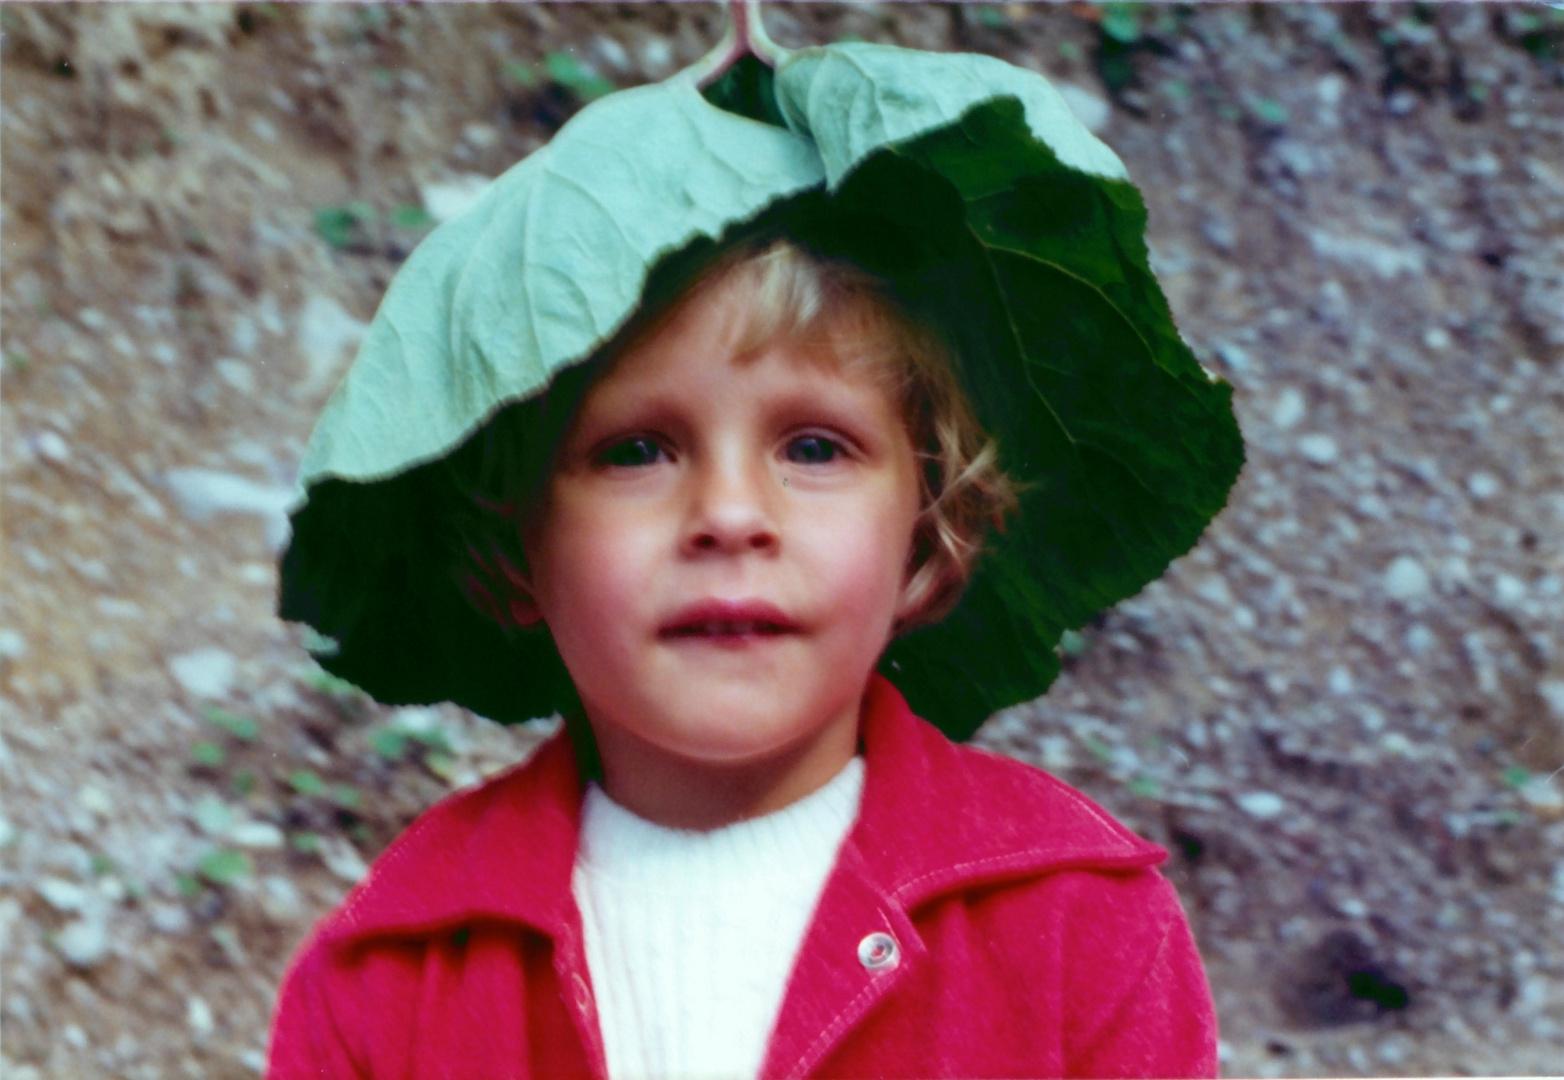 Kind mit einem Blatt auf dem Kopf